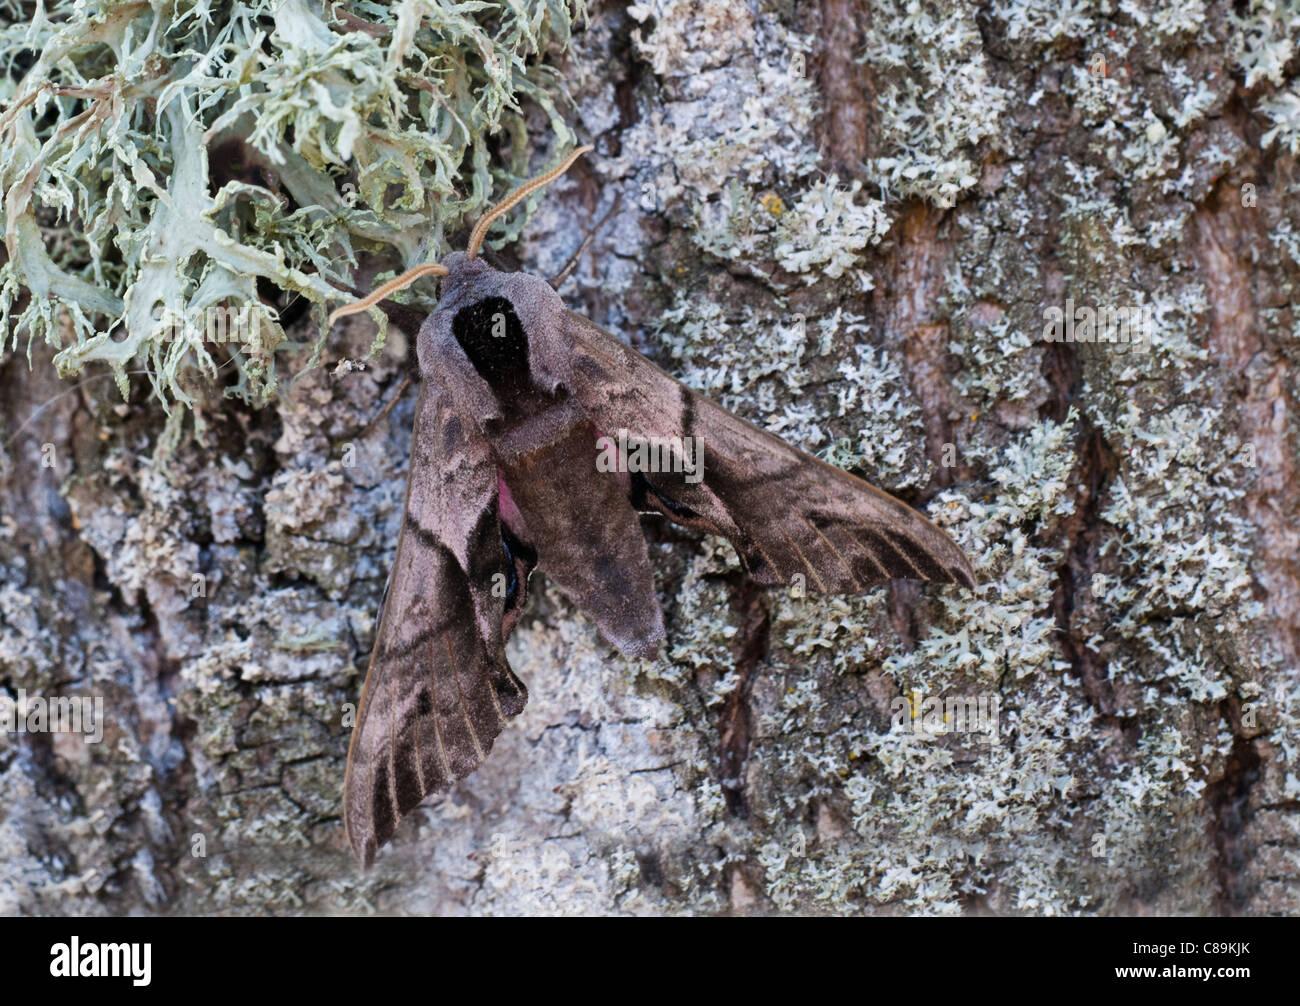 Eyed Hawkmoth. Smerinthus ocellata inconfondibile eye-spot su hindwing rosa sono diagnostici, quando disturbato, Immagini Stock